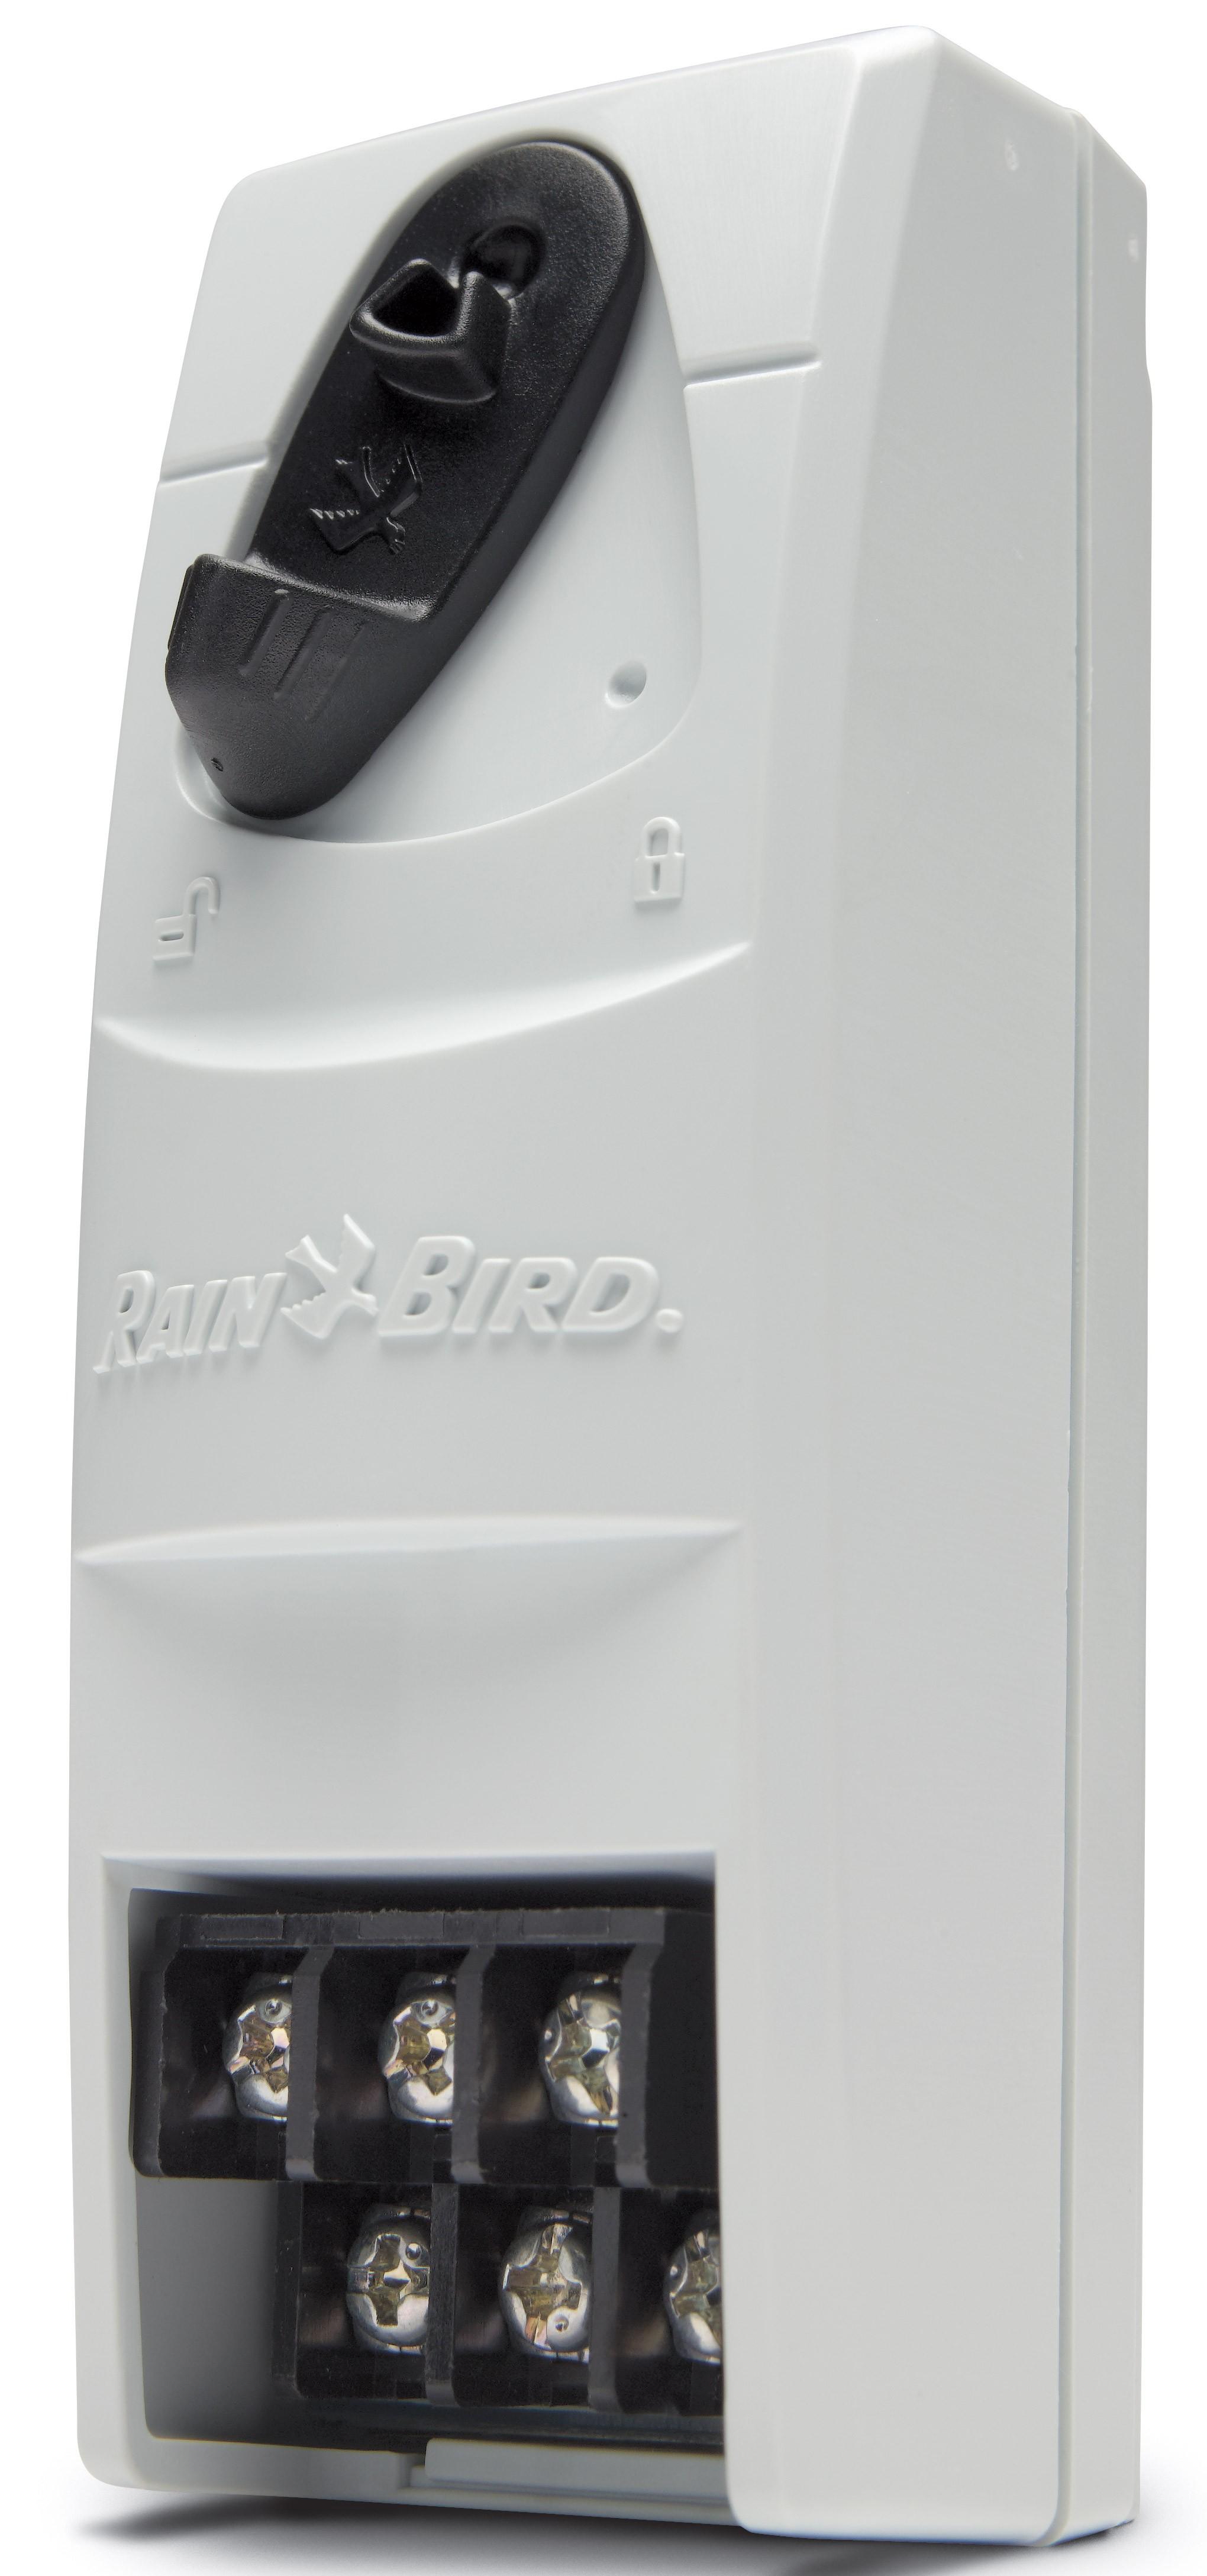 Rainbird 6 Stationen Erweiterungsmodul zu Steuergerät Typenreihe ESP-M Bild 1